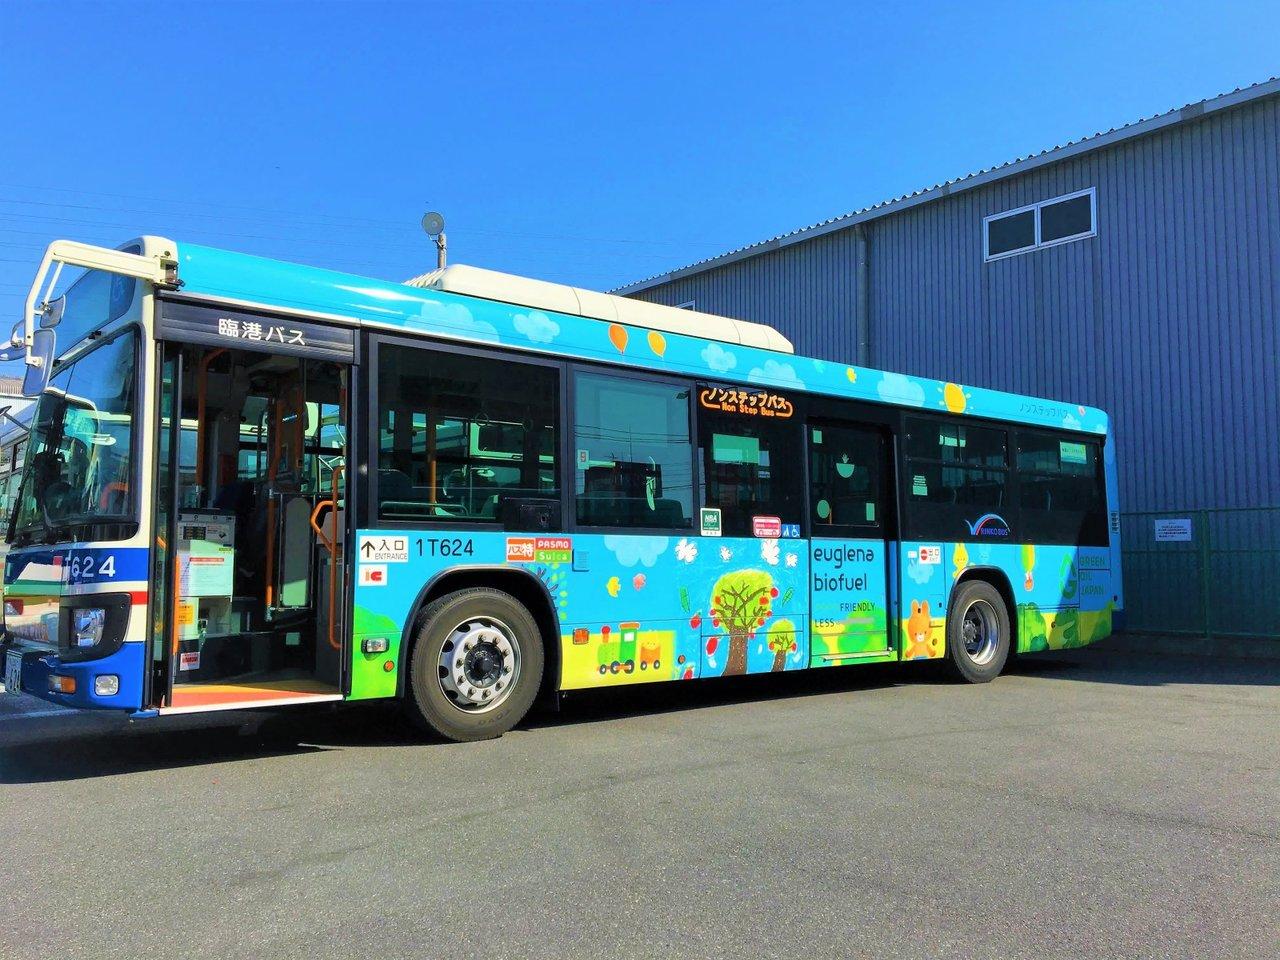 横浜市内を走行する川崎鶴見臨港バスはユーグレナバイオディーゼル燃料を使用しています。